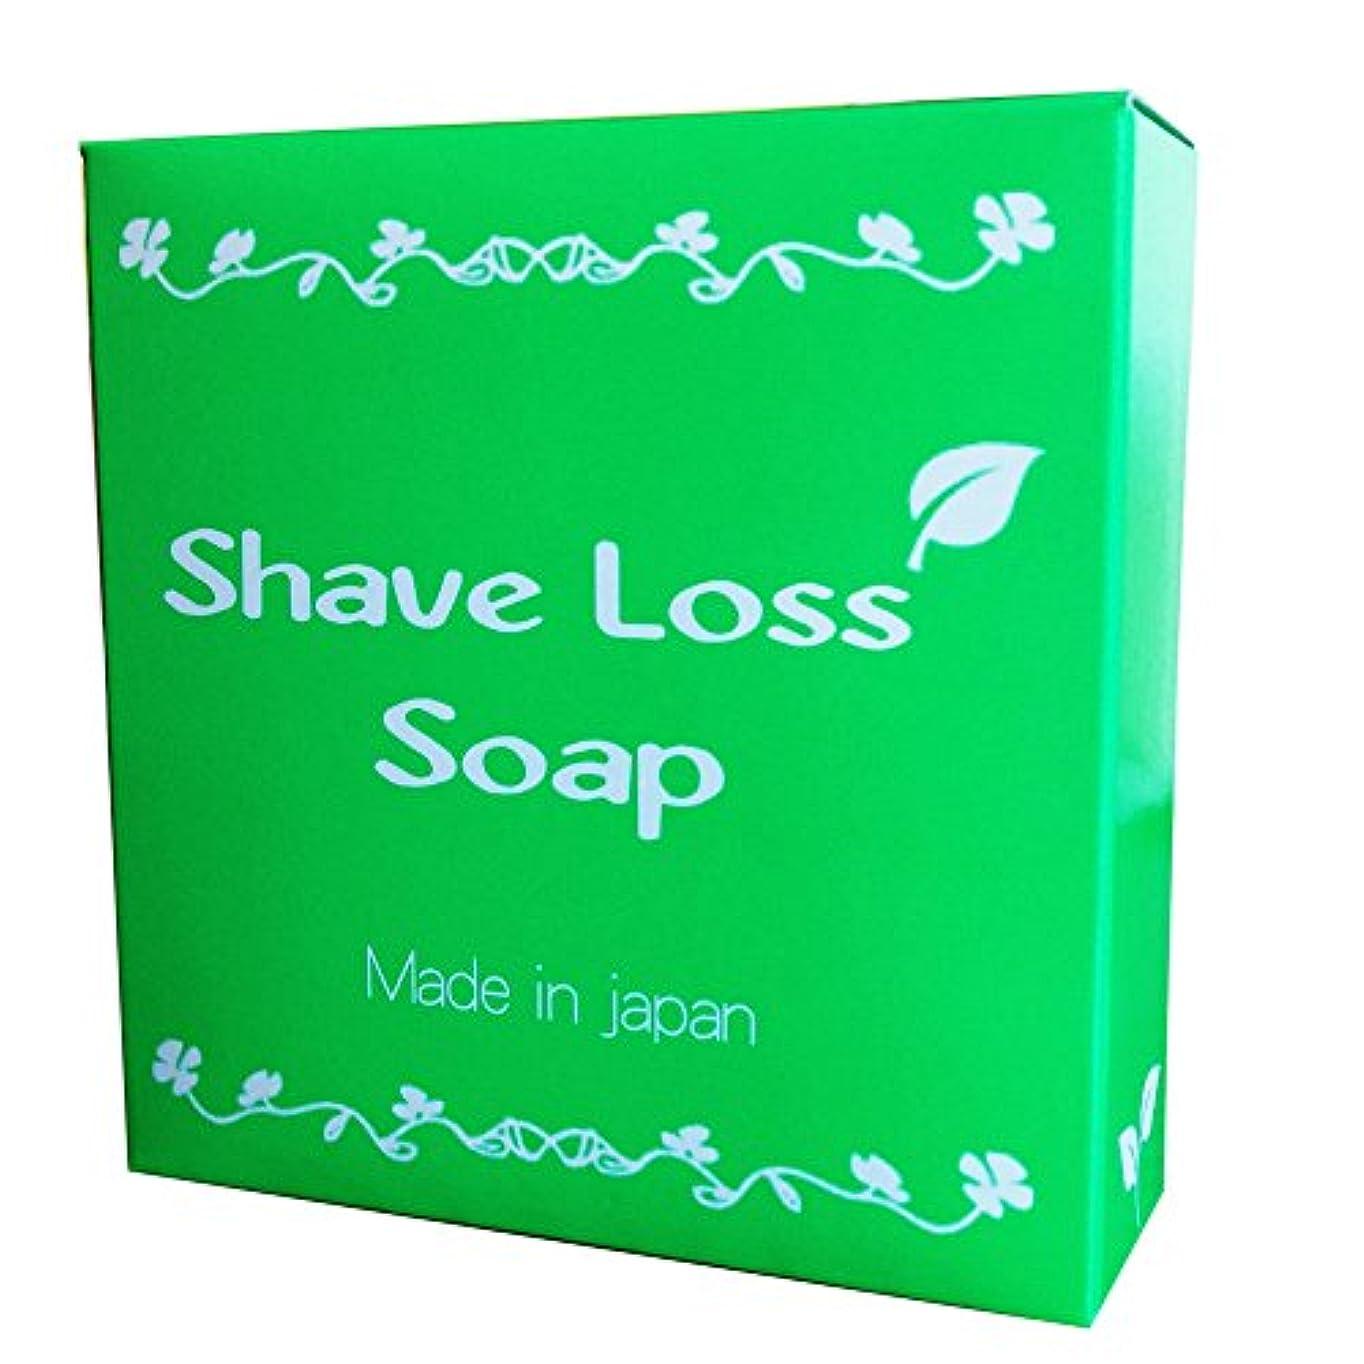 つまずく気分が悪い靴下Shave Loss Soap 女性のツルツルを叶える 奇跡の石鹸 80g (1個)